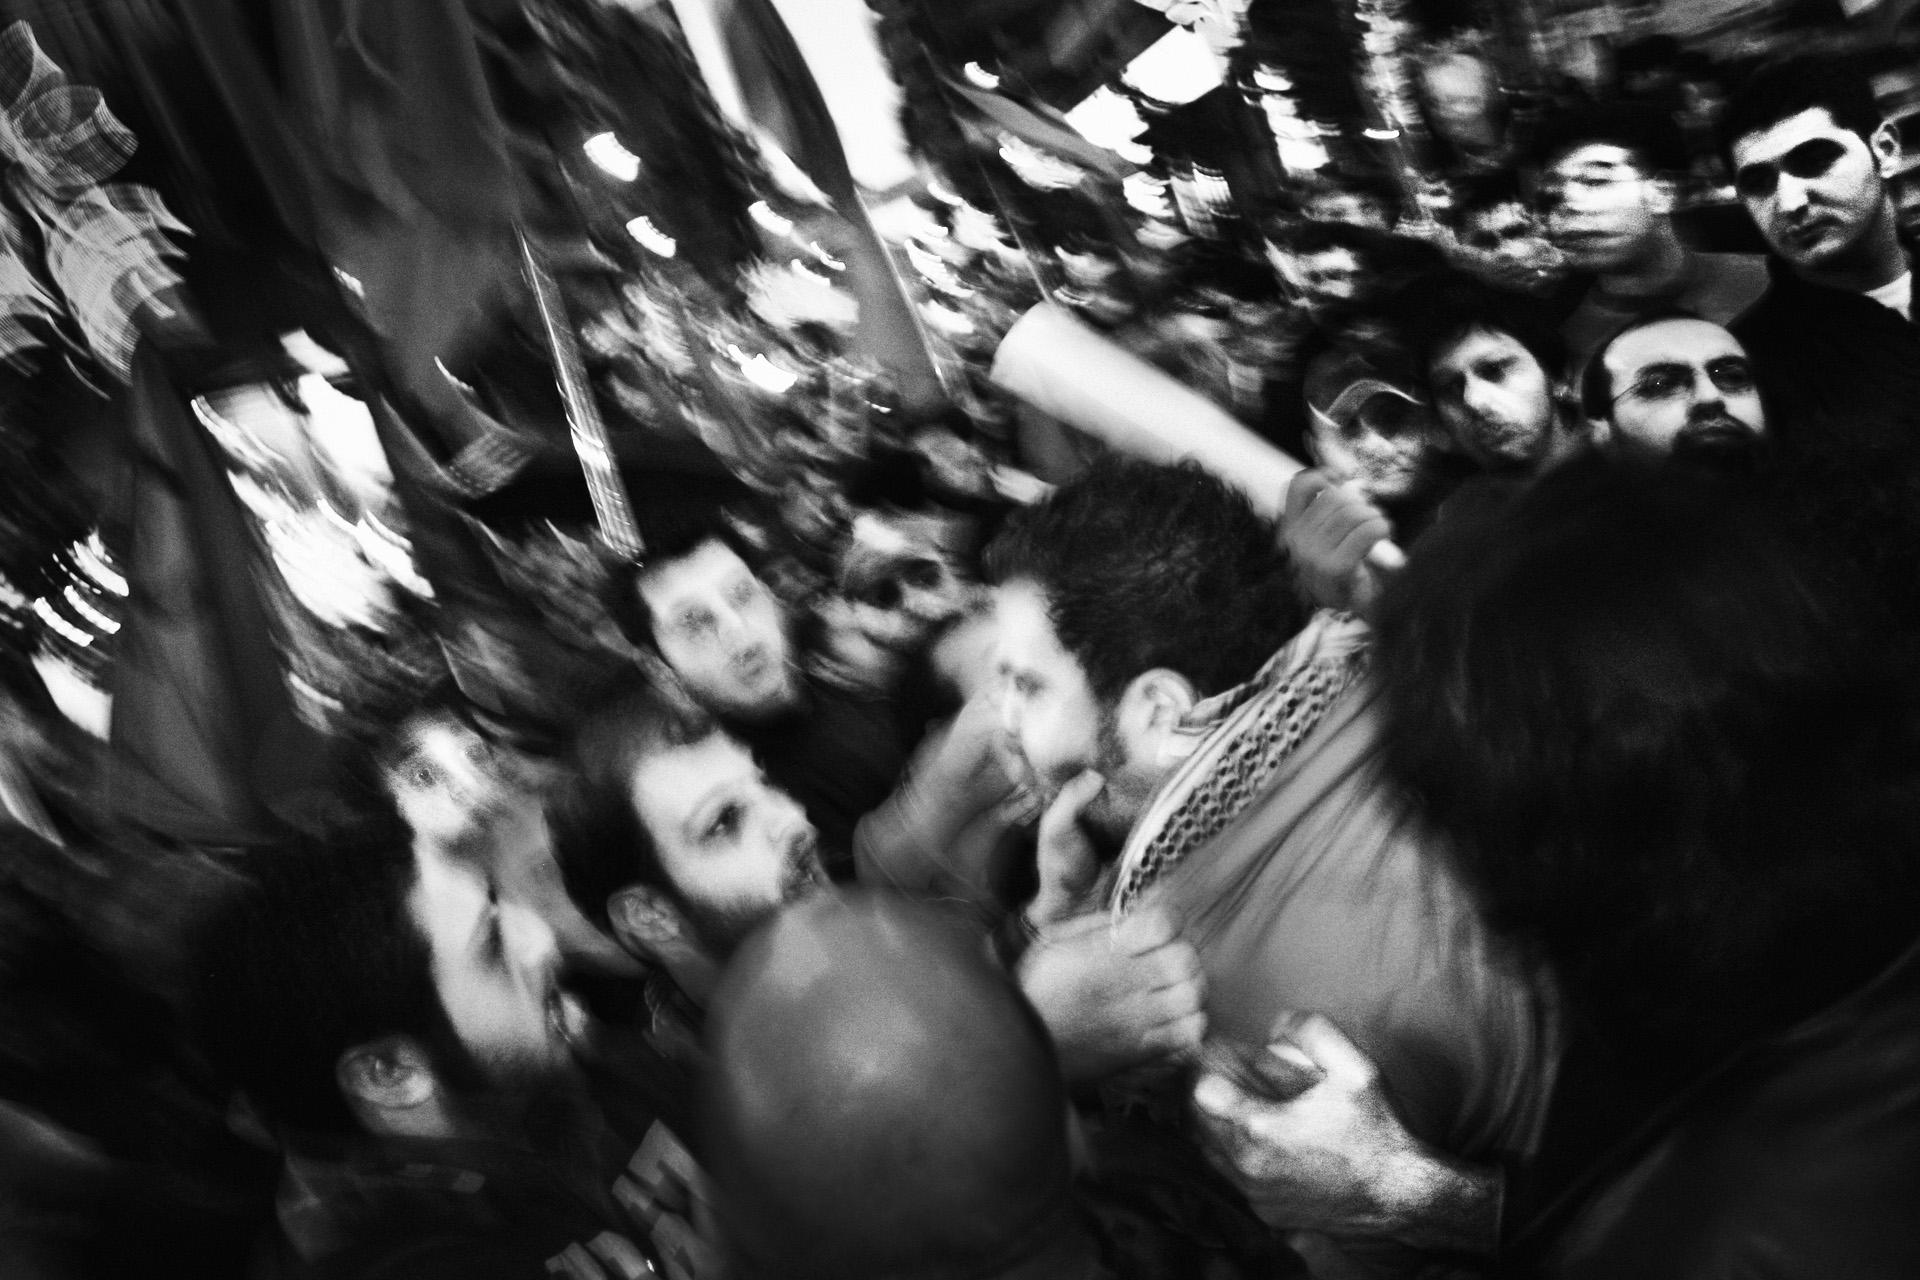 Accrochage entre manifestants lors d'une manifestation organisée par le Parti Communiste libanais Beyrouth, décembre 2005